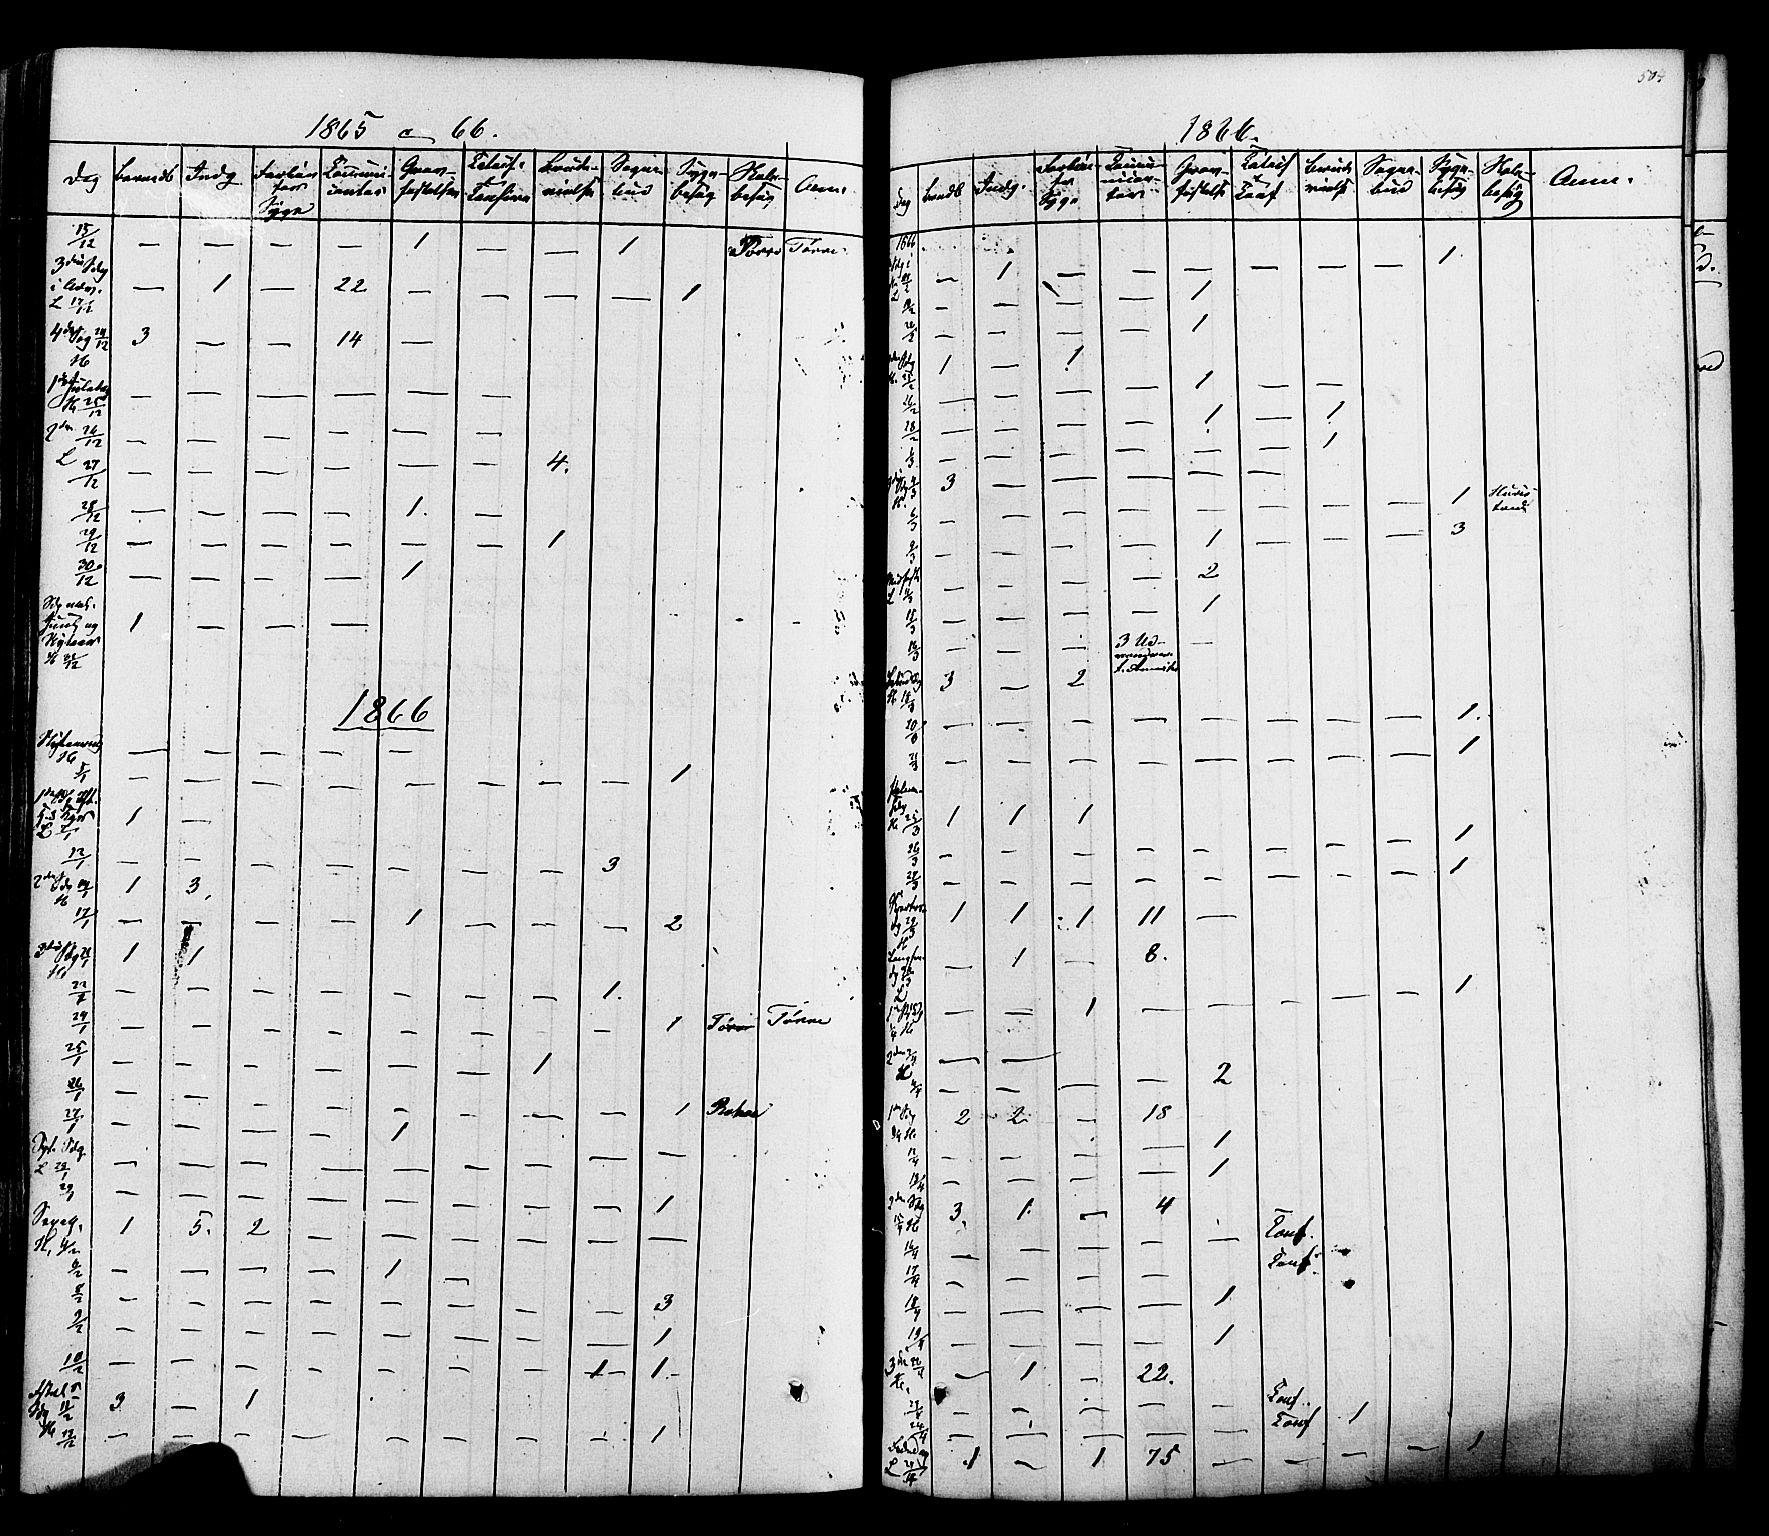 SAKO, Heddal kirkebøker, F/Fa/L0007: Ministerialbok nr. I 7, 1855-1877, s. 504